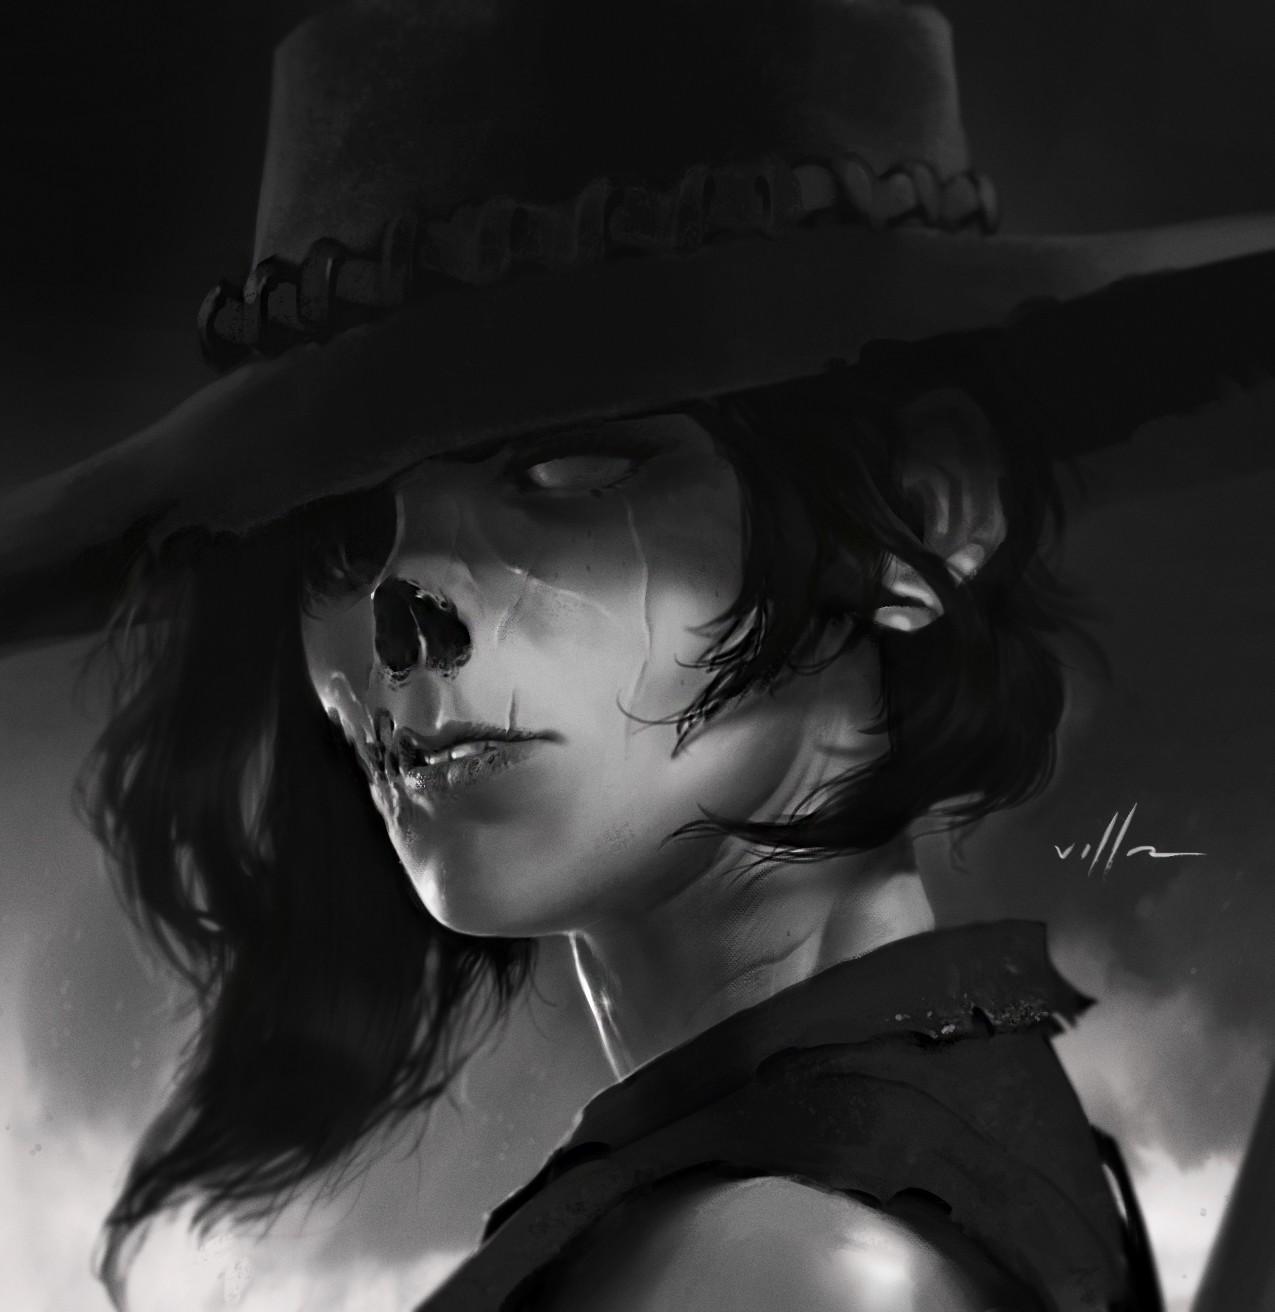 Hd Zombie Girl Wallpaper Women Brunette Dead Monochrome Fantasy Art Undead